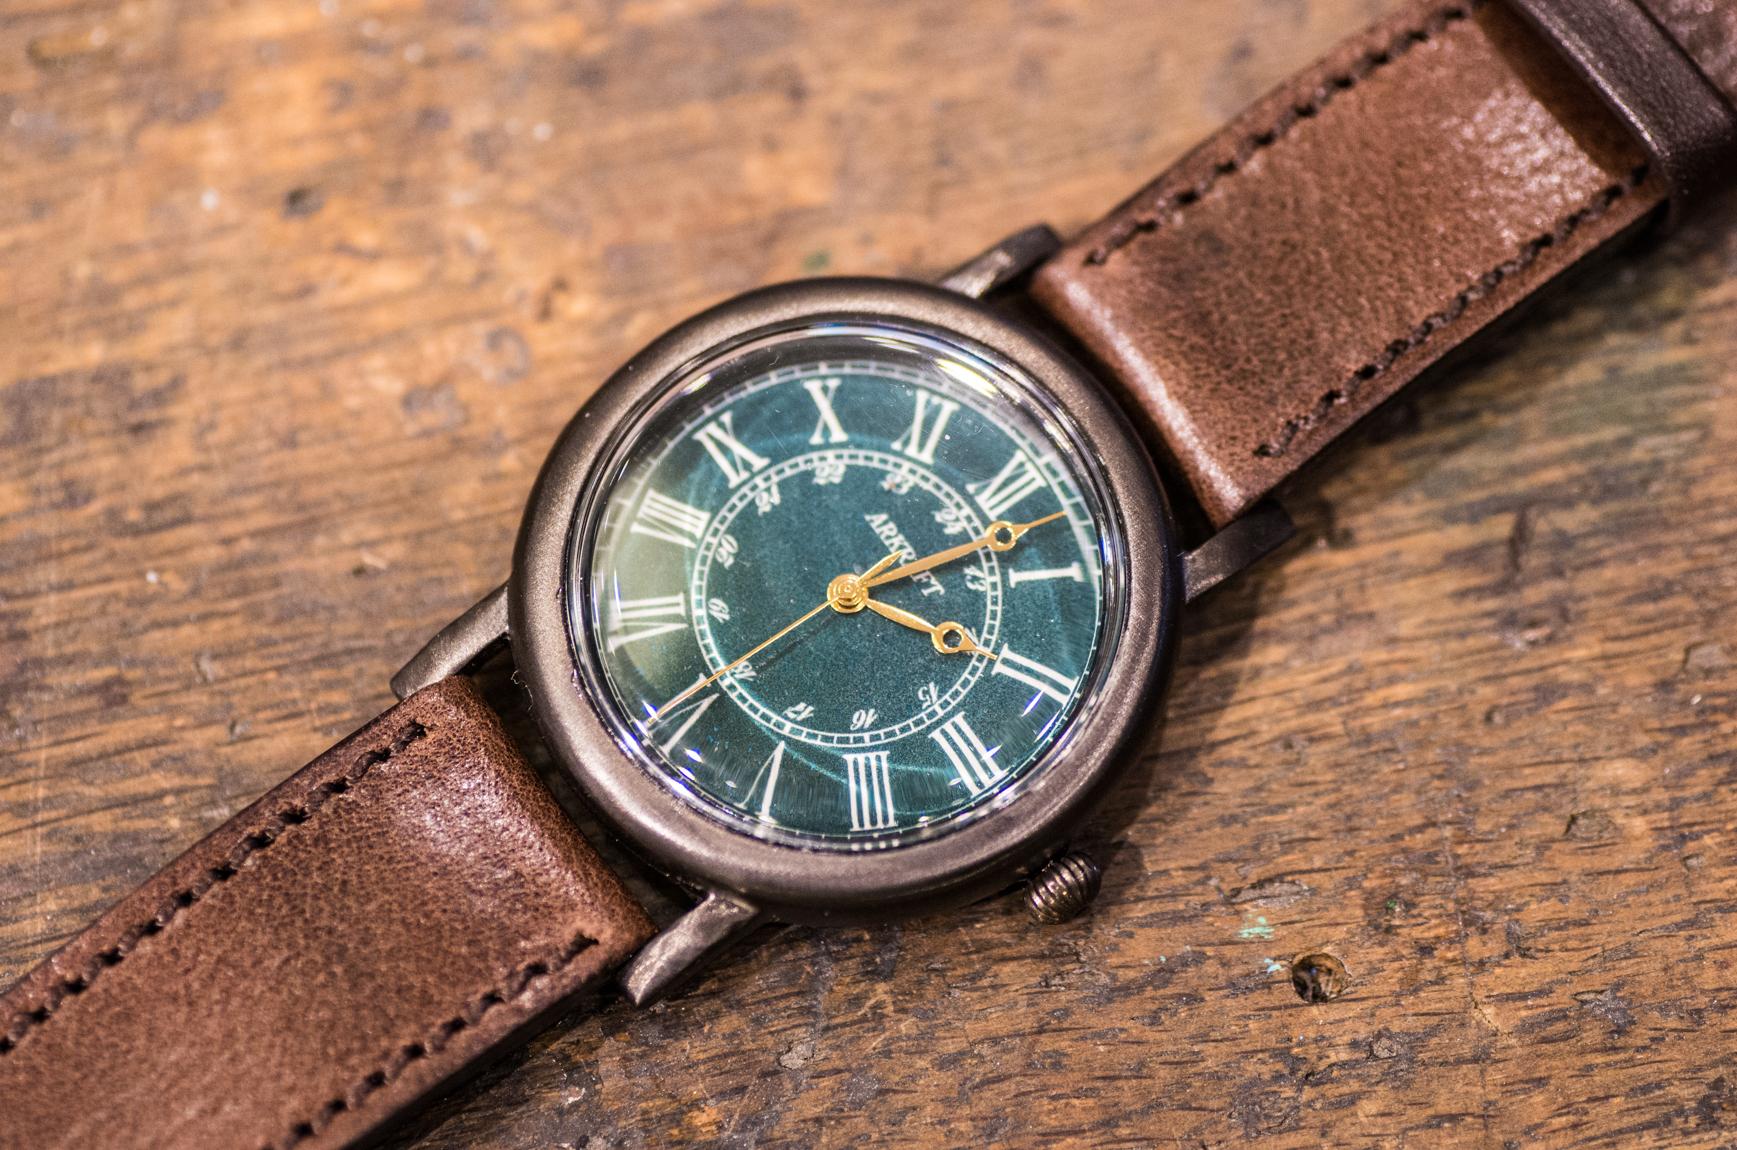 マザーオブパールを使用したディープグリーン色の大き目の腕時計(Andy Large/在庫品)